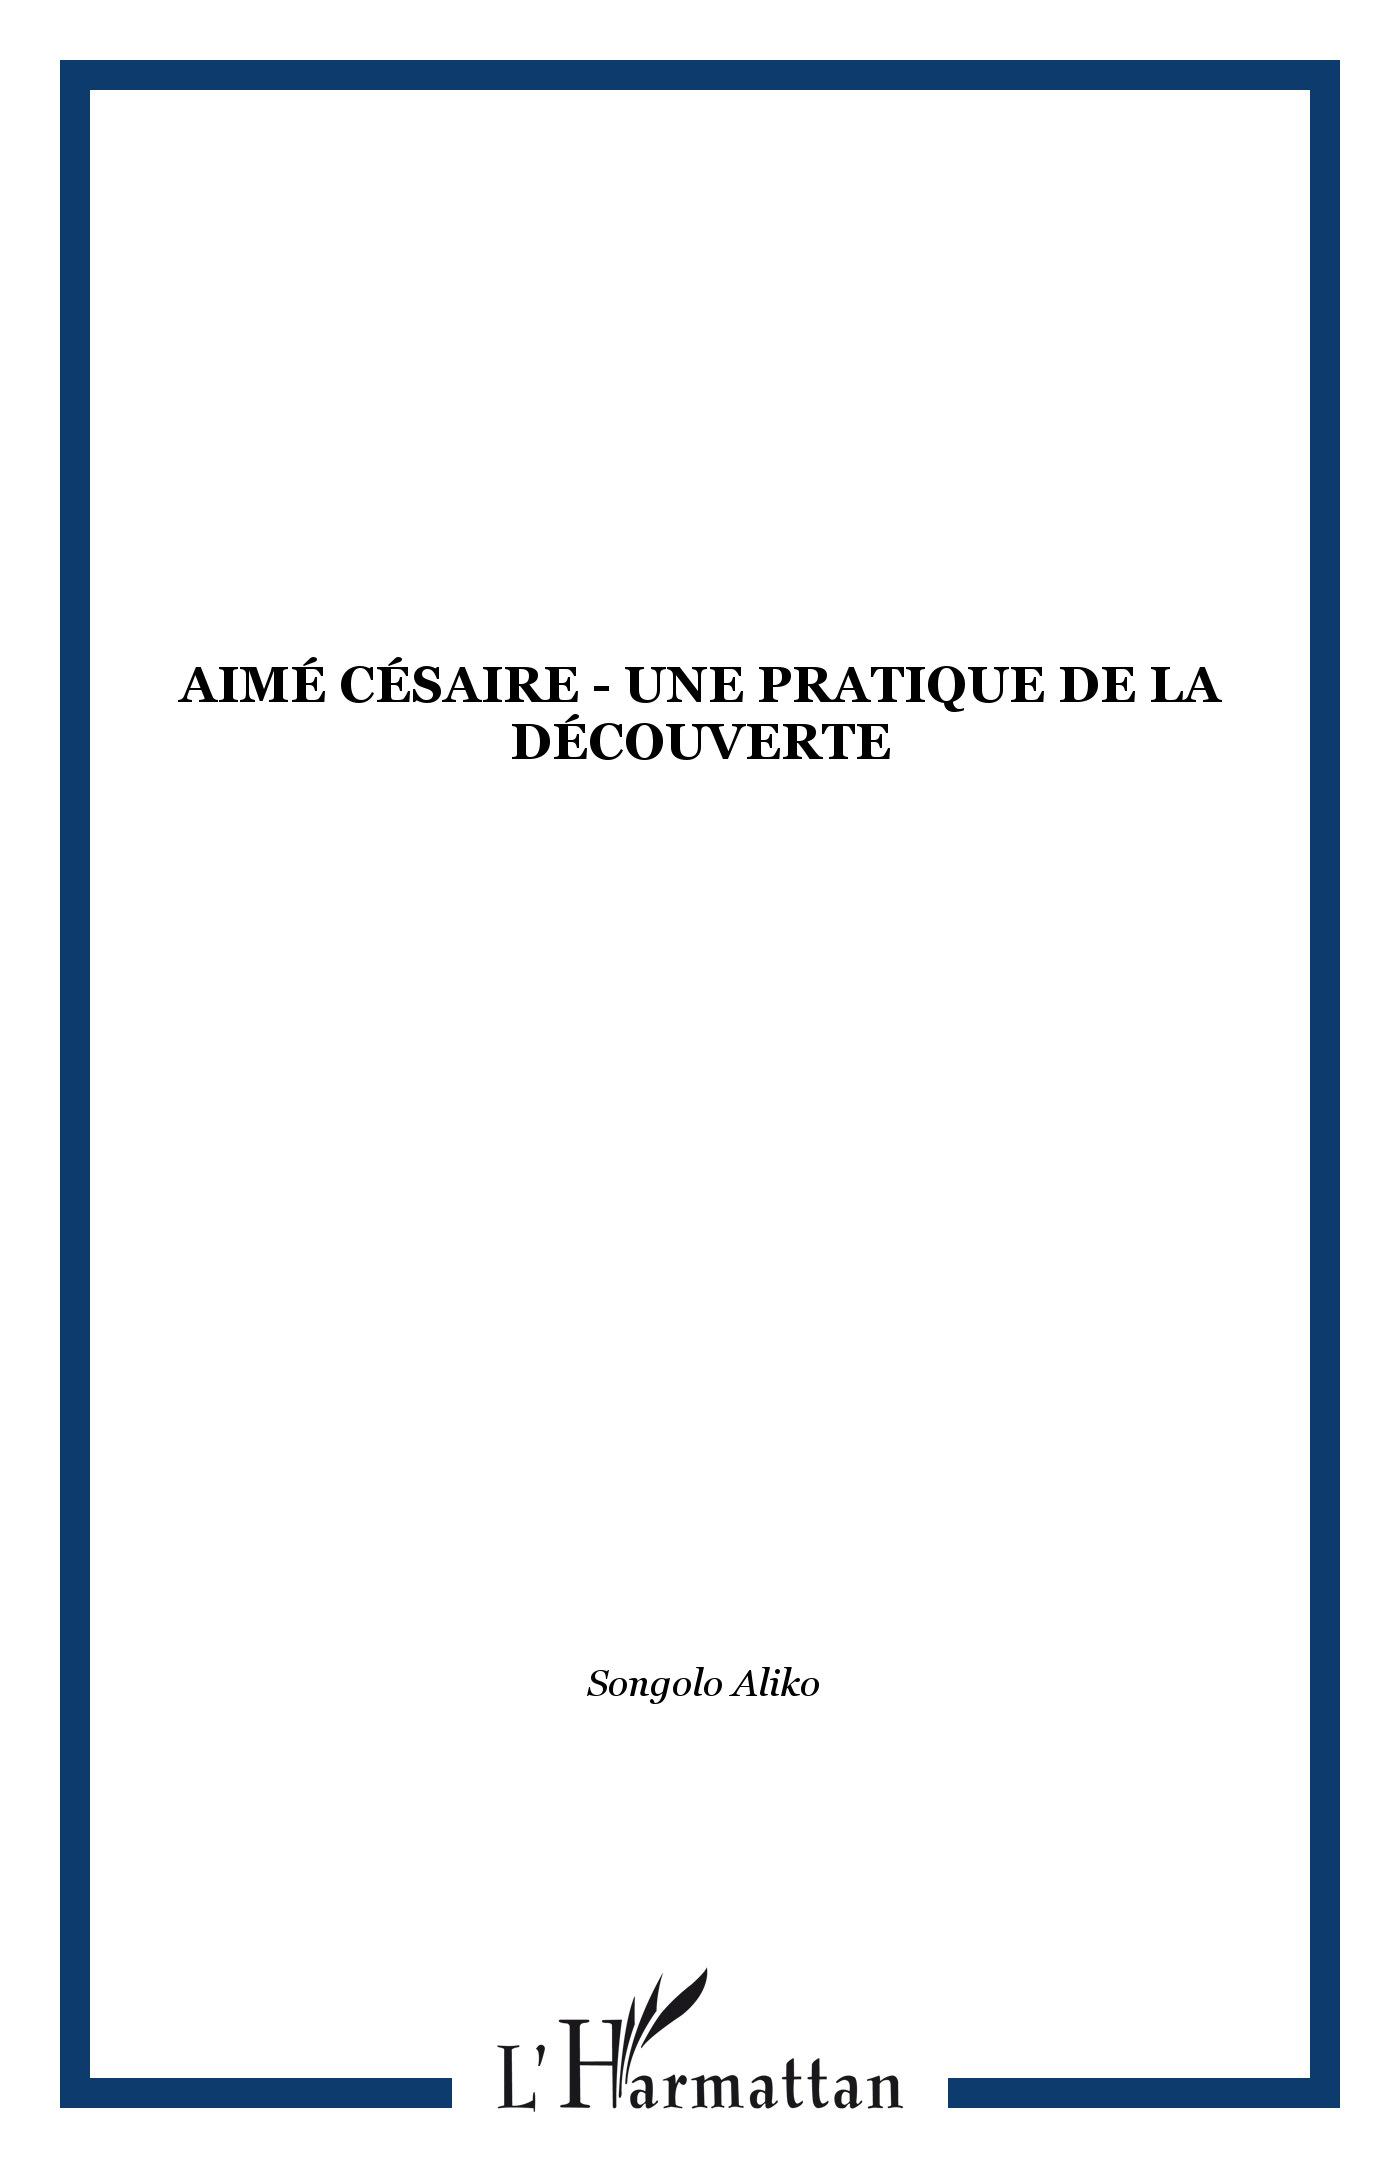 Aimé Césaire - Une pratique de la découverte